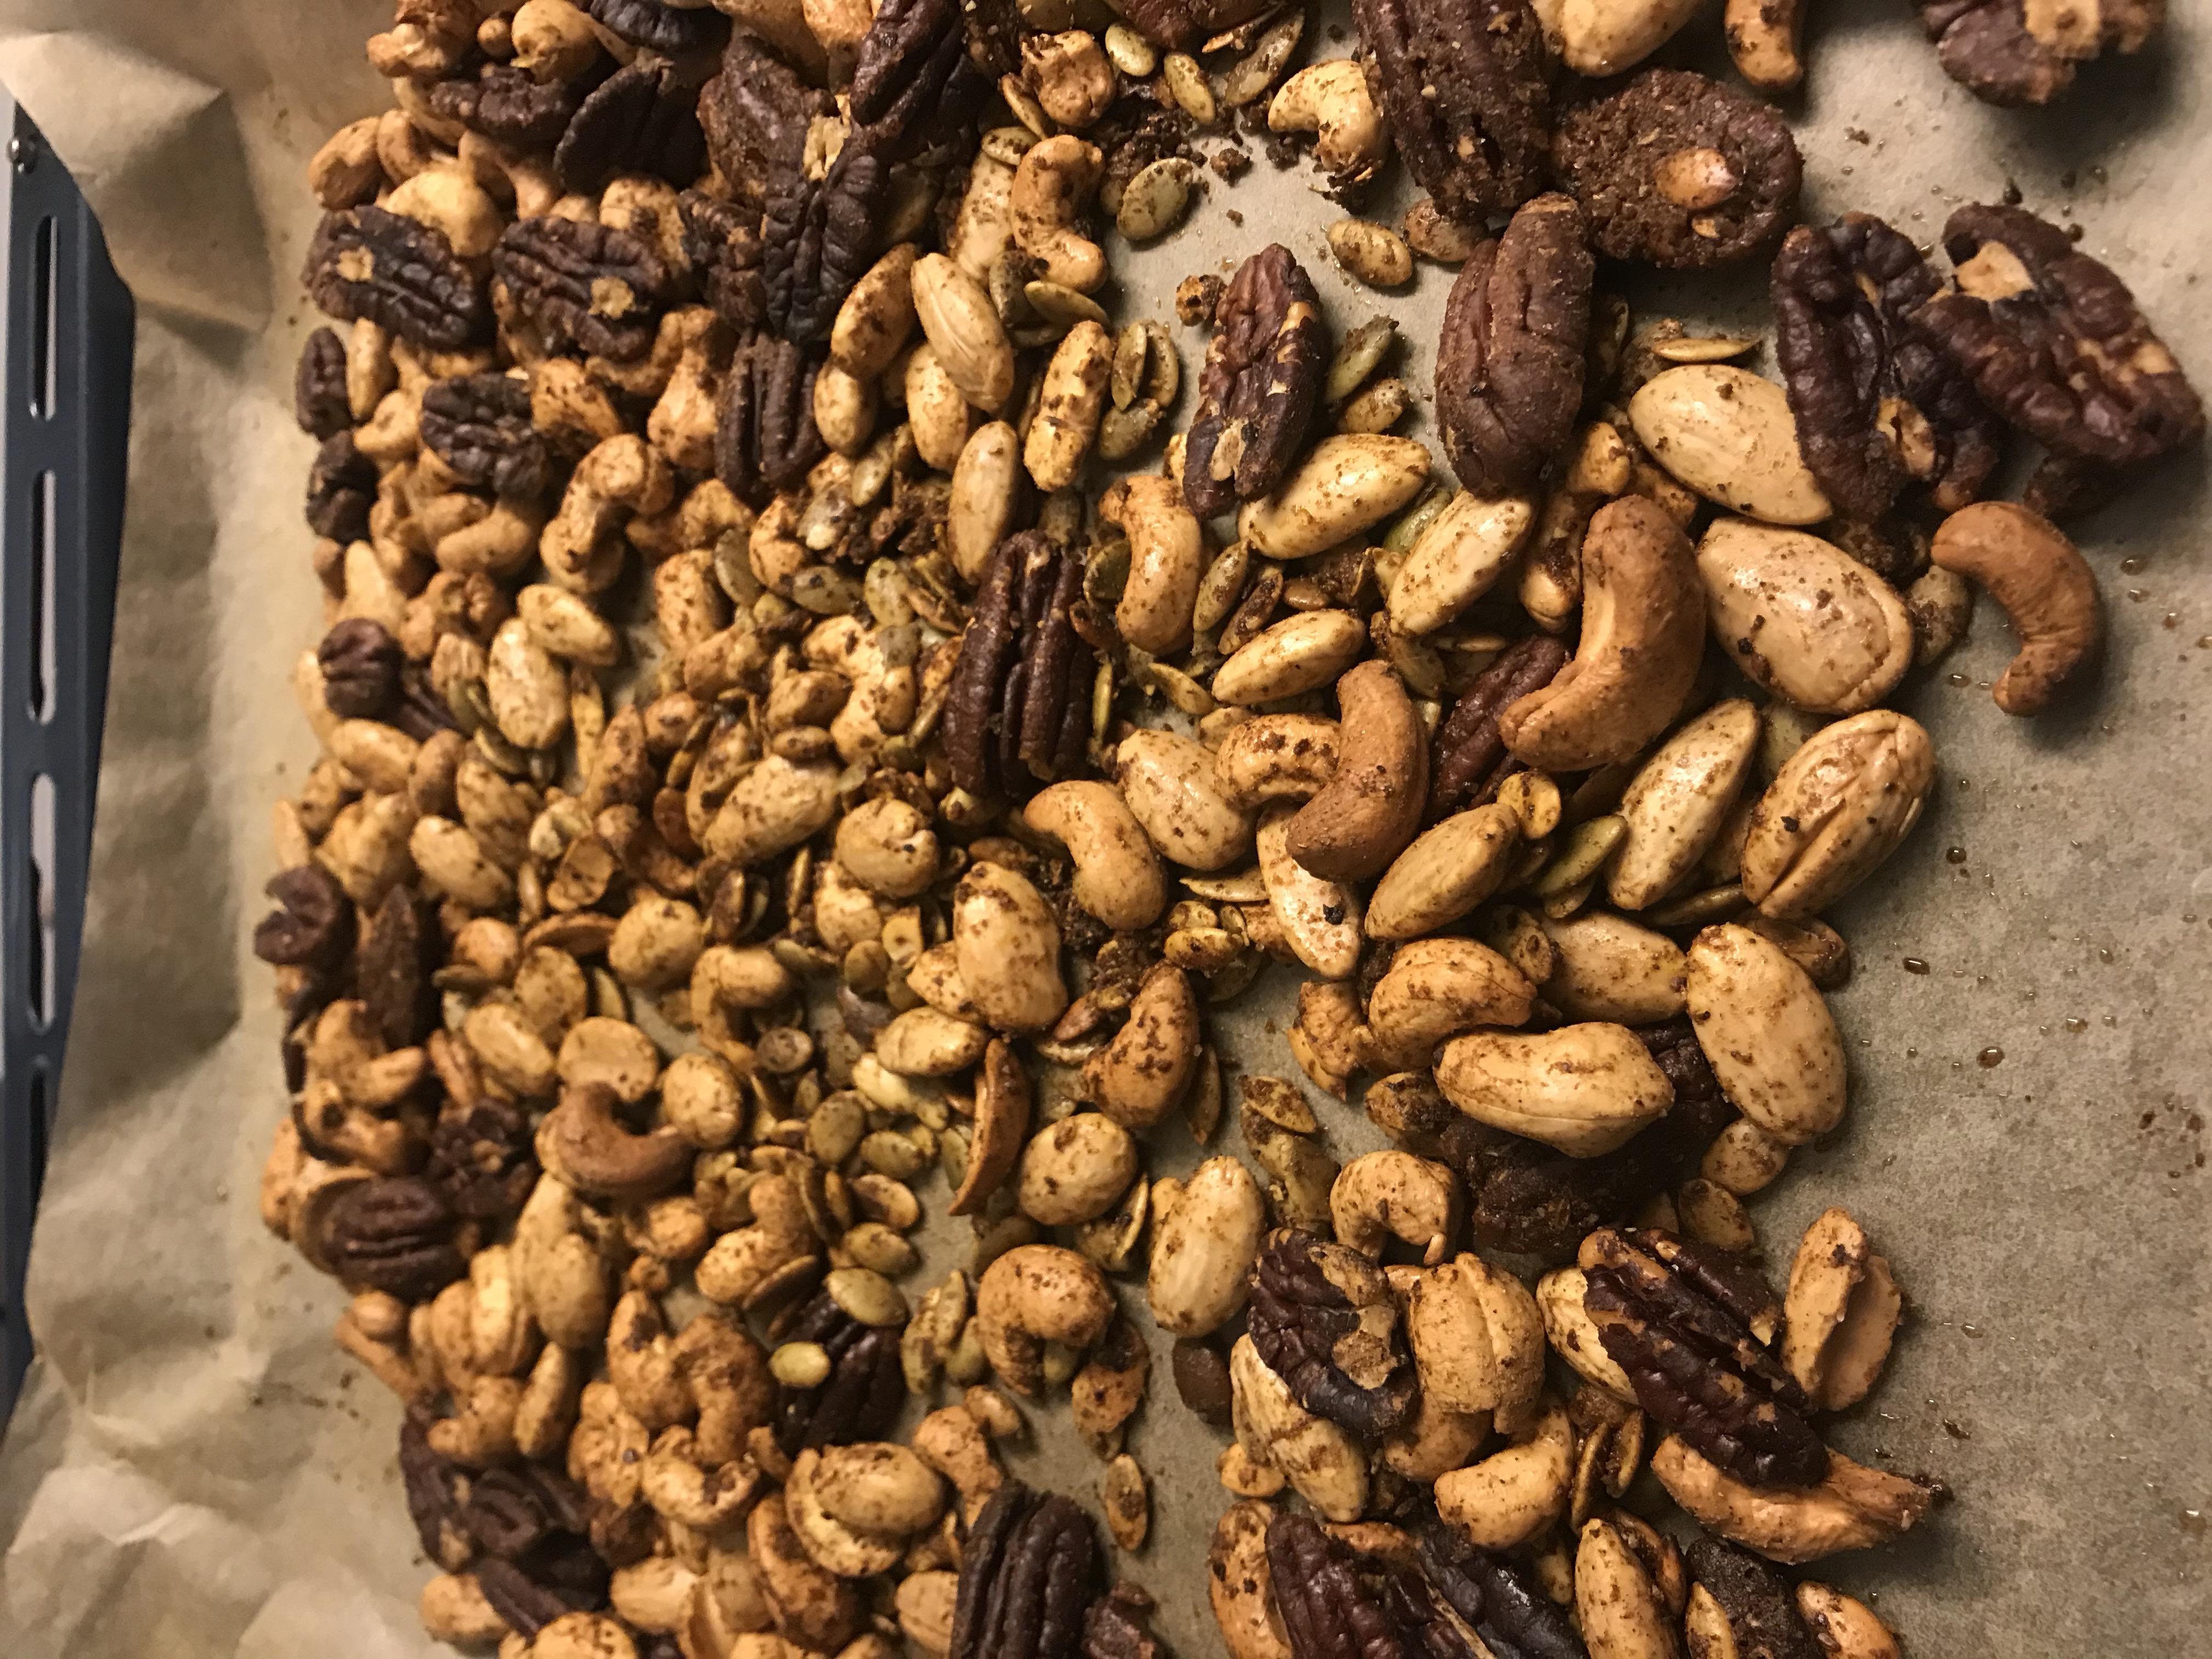 Laat de noten afkoelen voor je ze verpakt